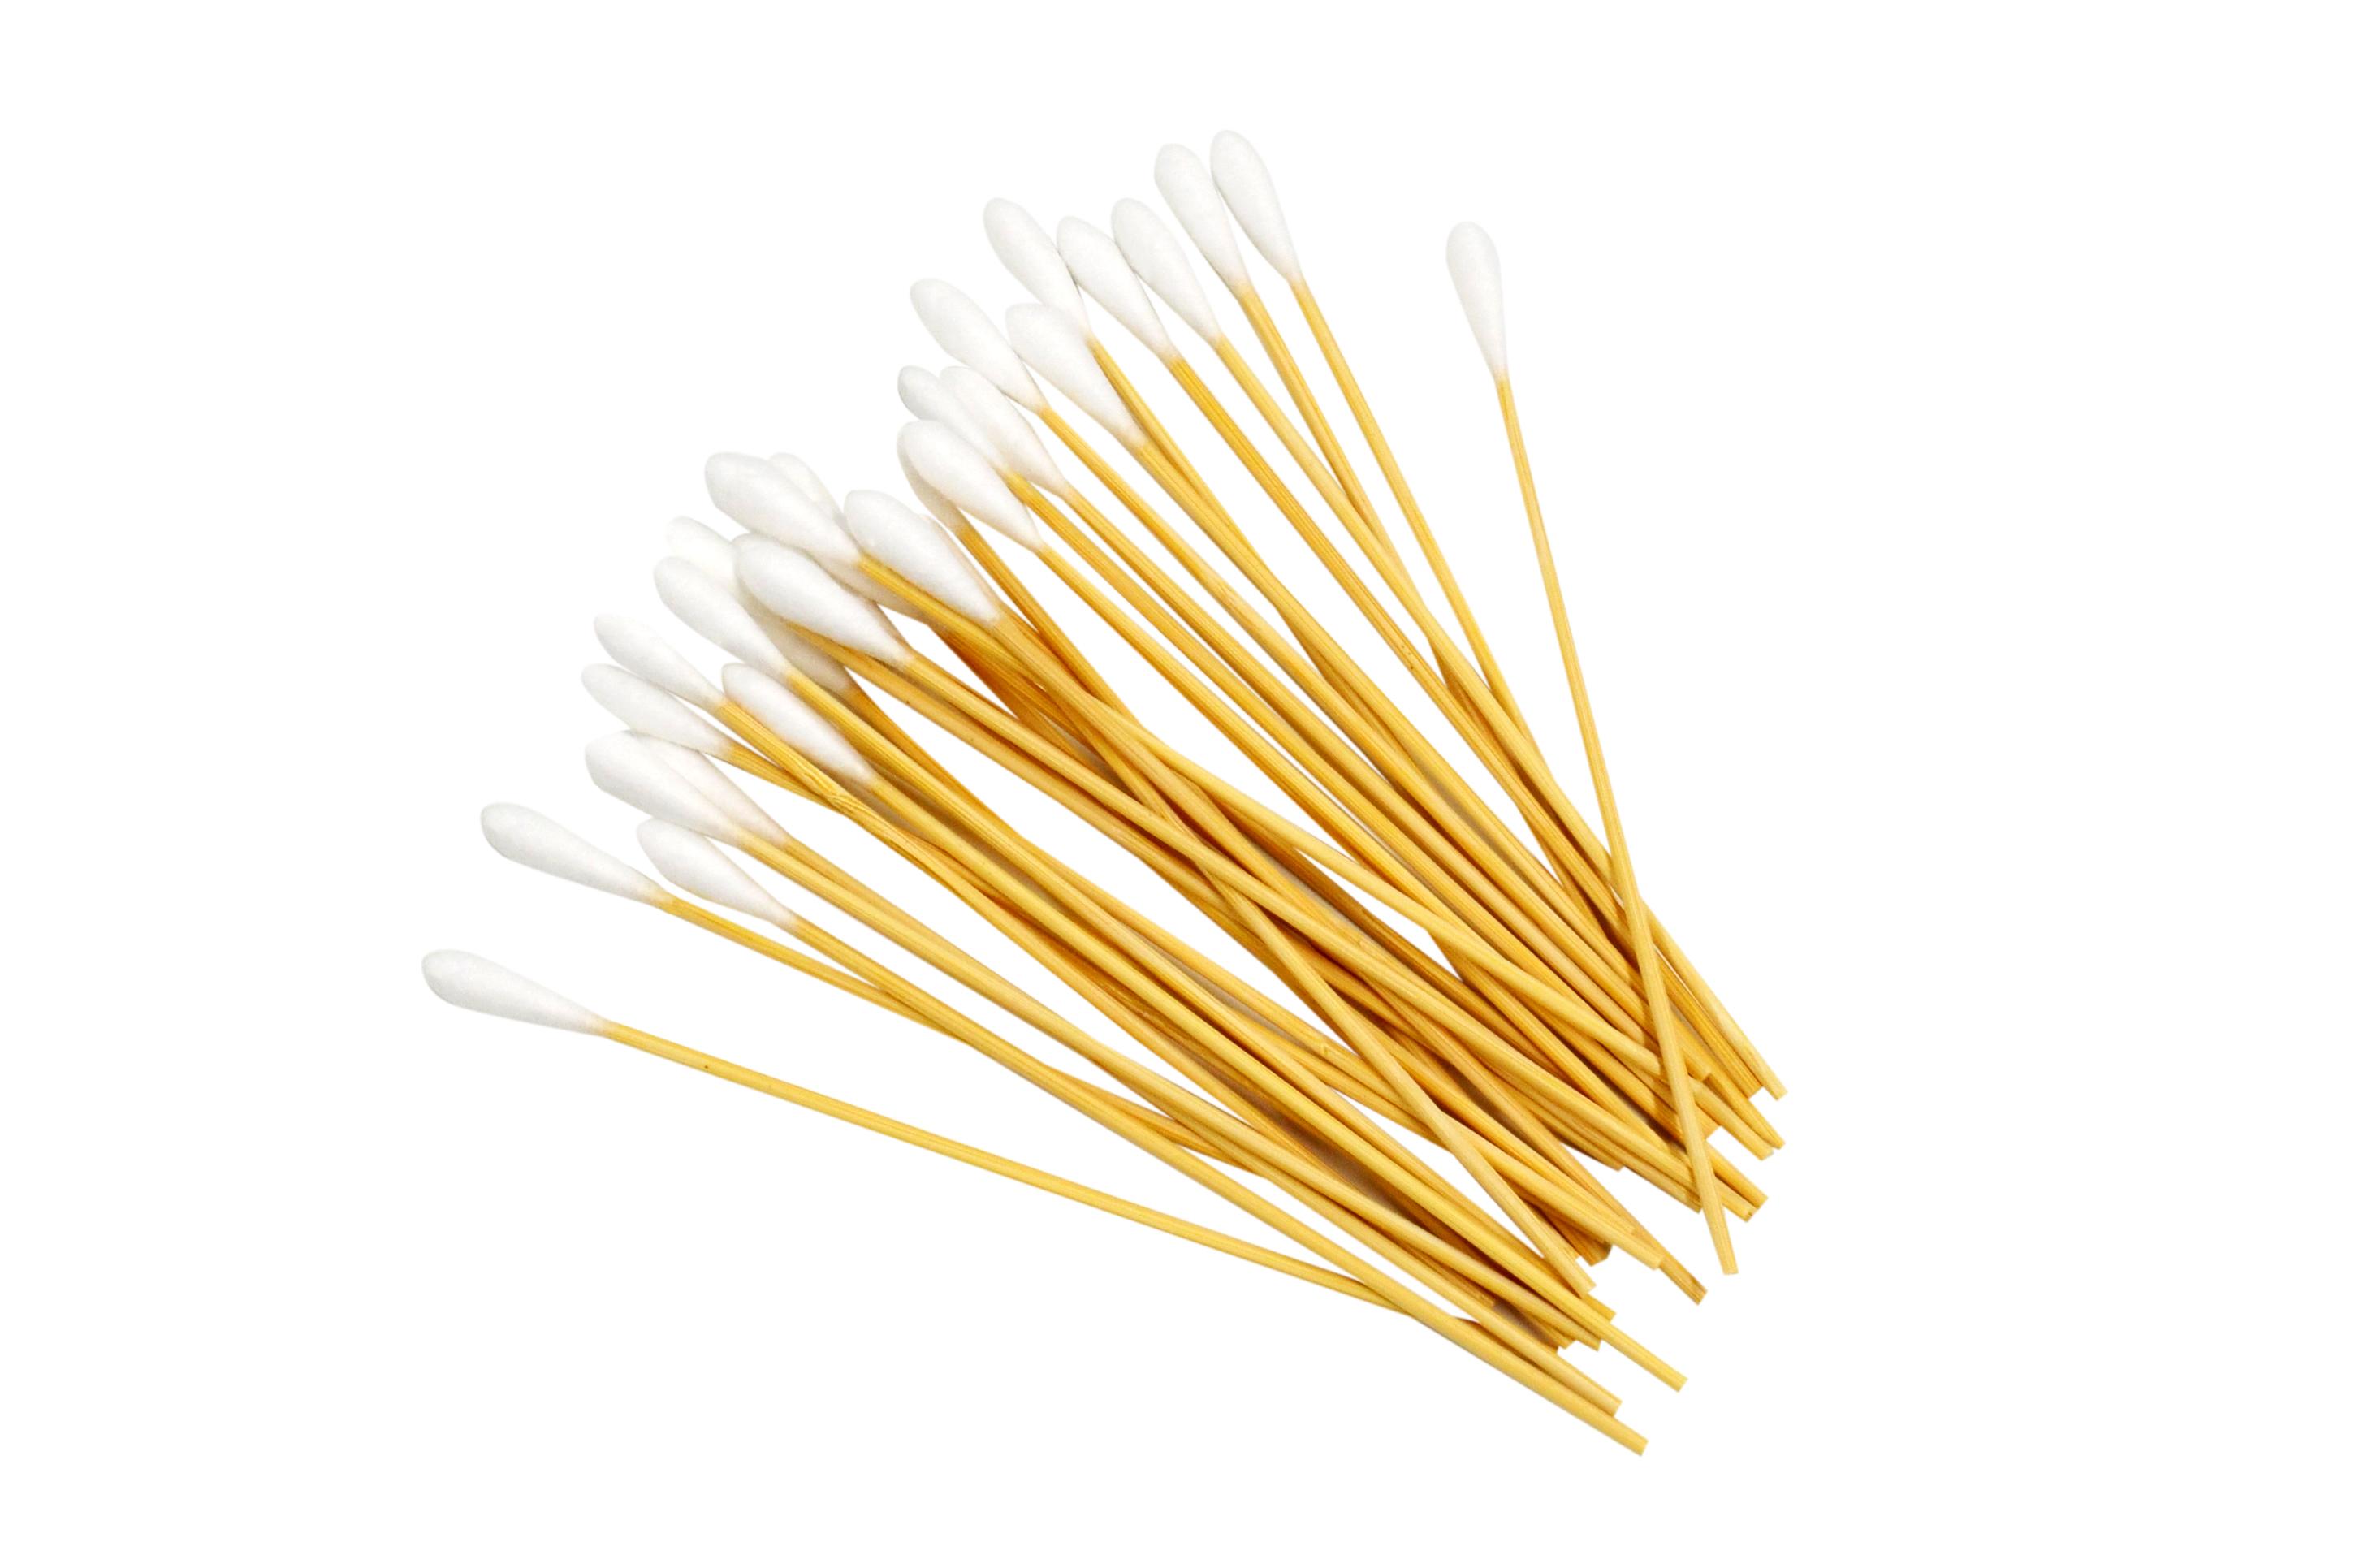 清掃用綿棒は細かい部分の掃除ができます。